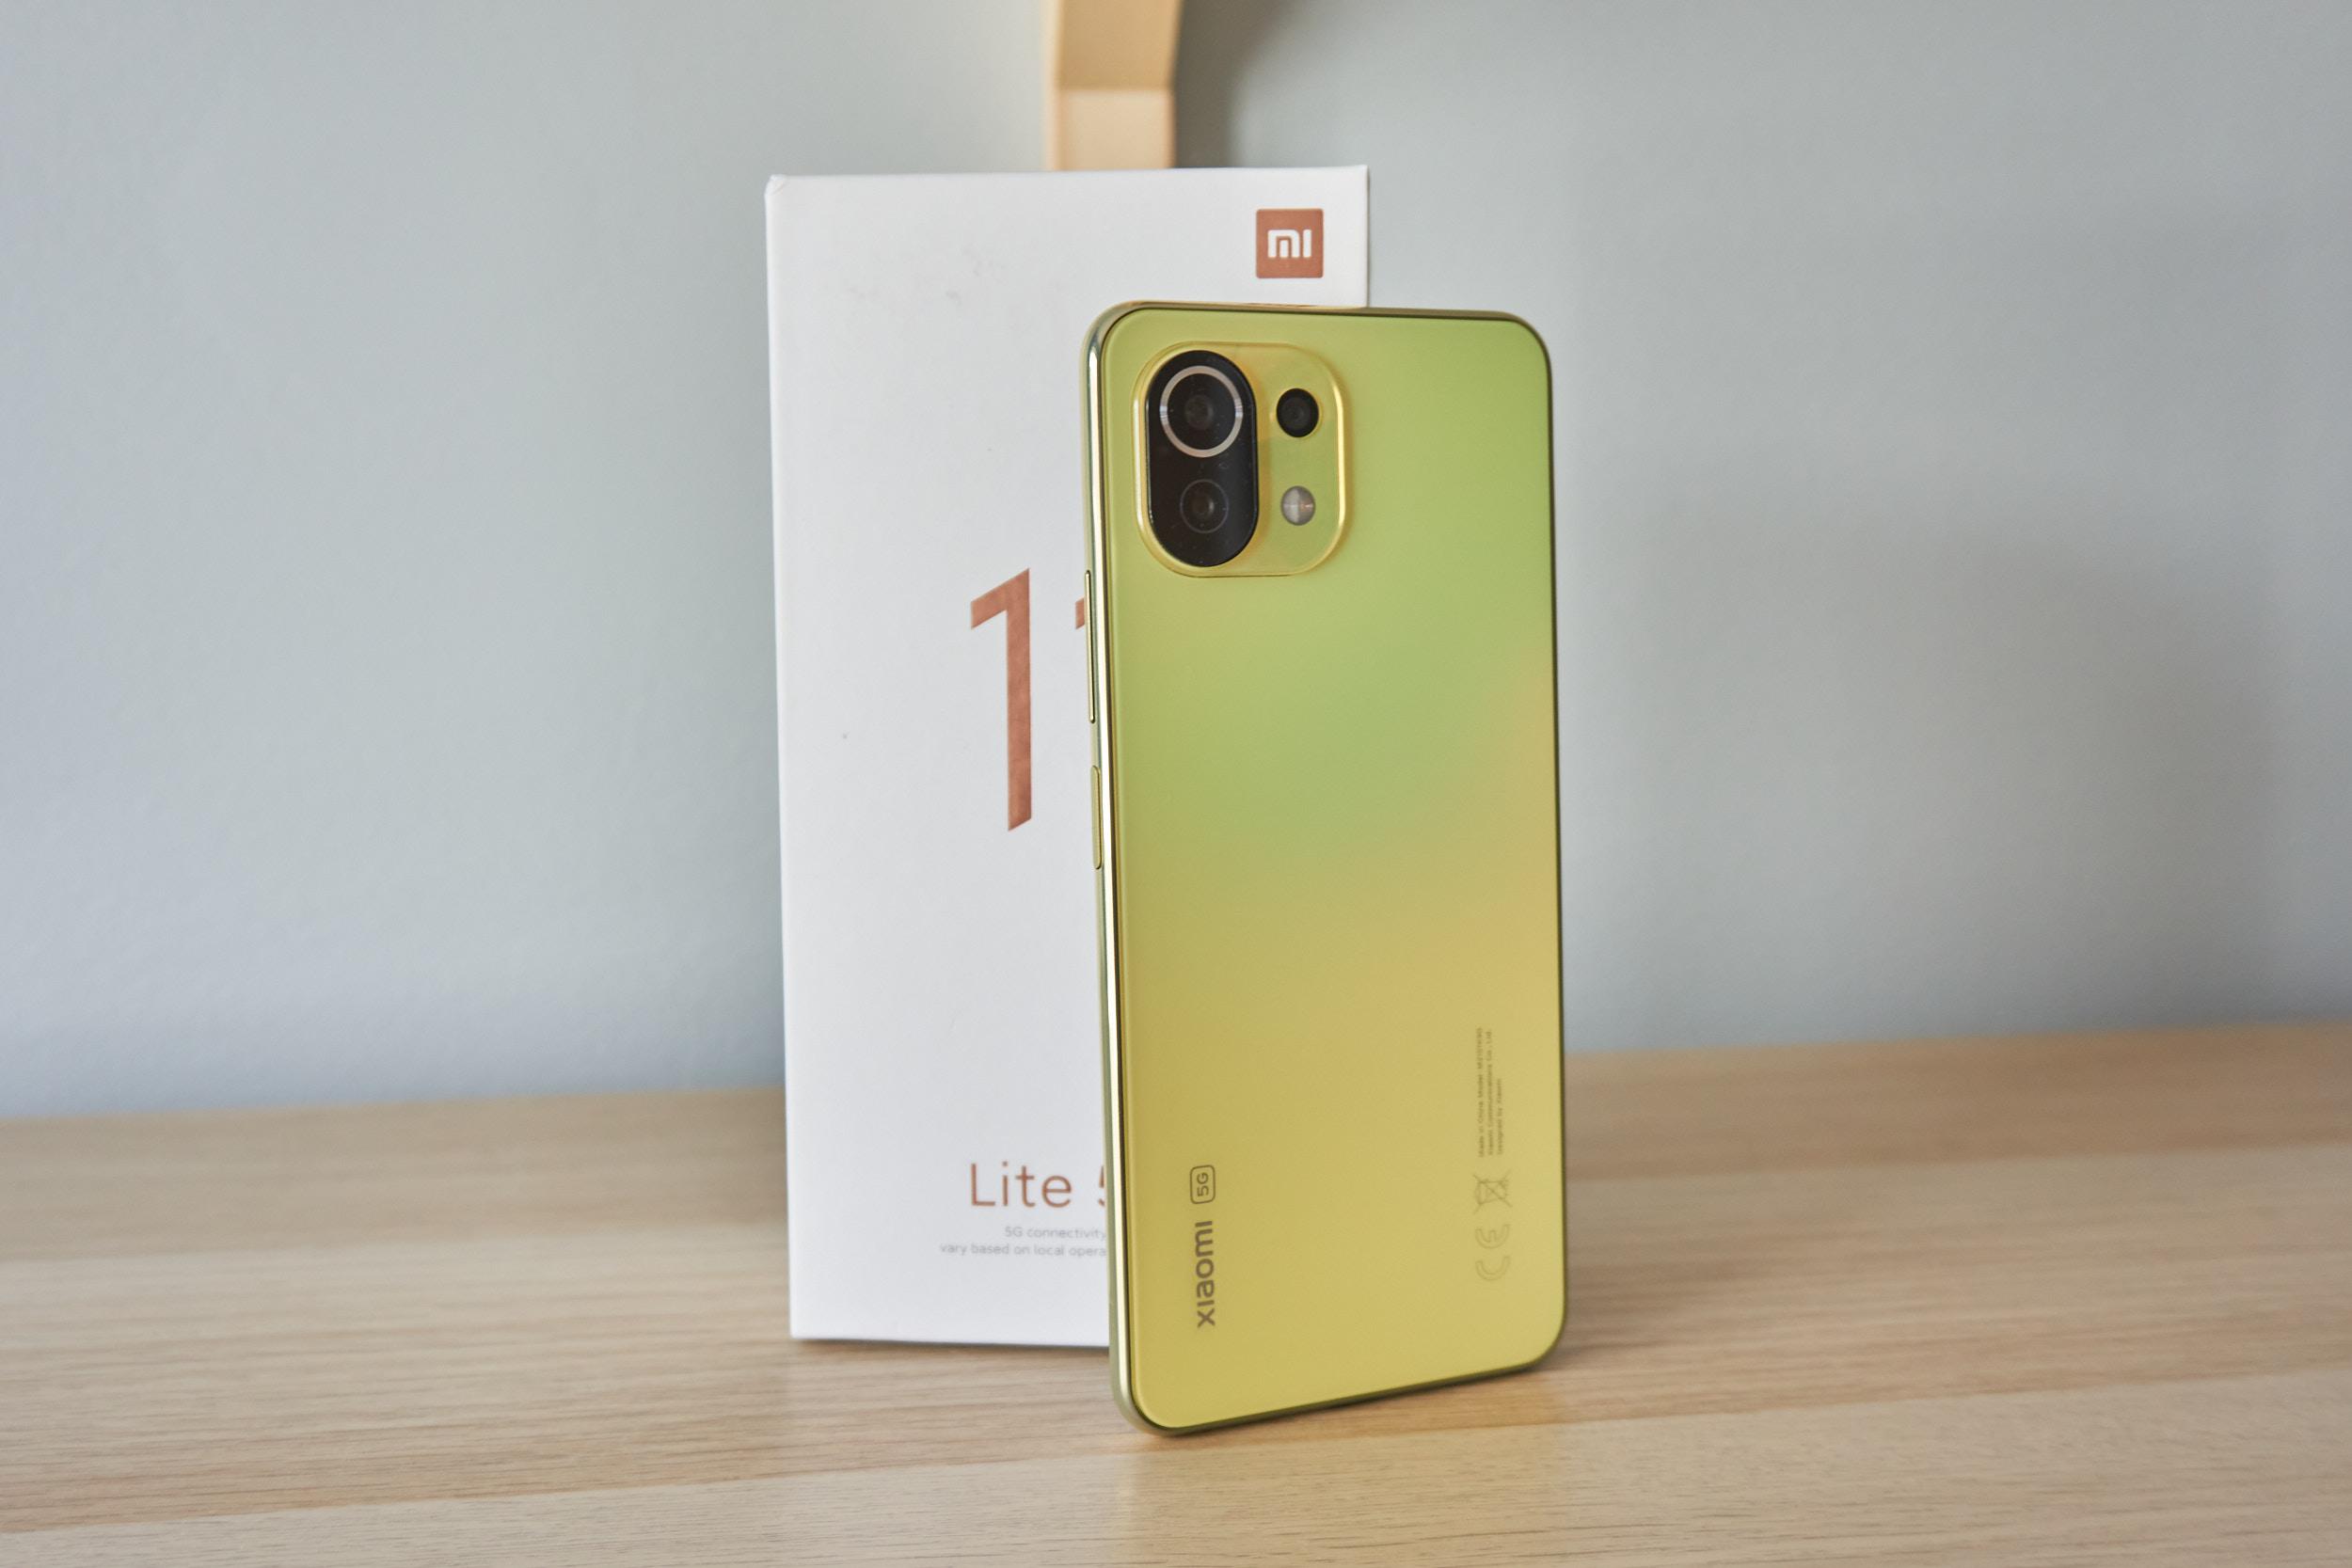 cena Xiaomi 11 Lite NE 5G w Europie będzie atrakcyjna Tabletowo.pl